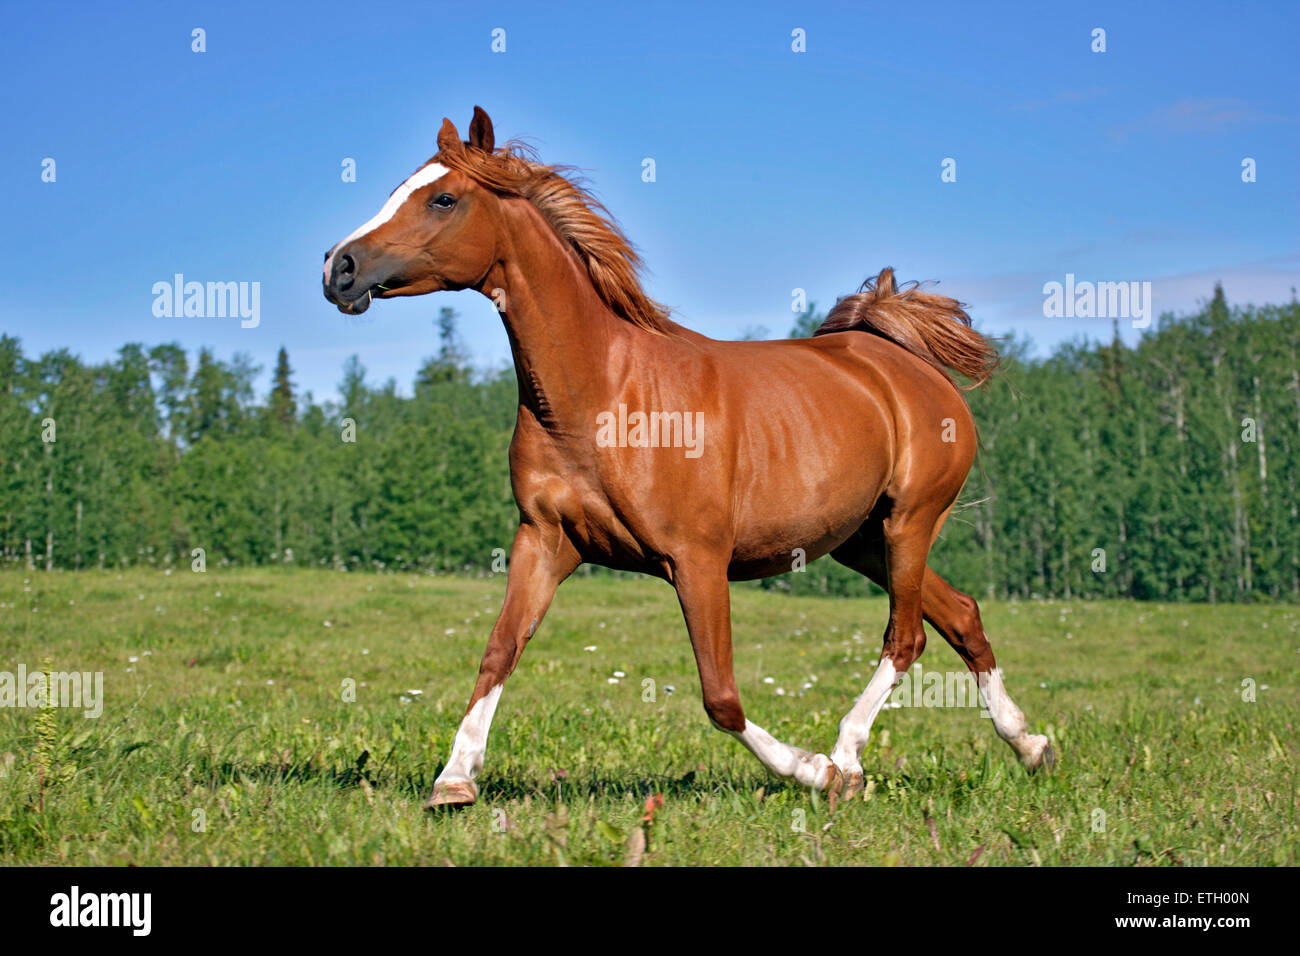 Castaño Arabian Mare trote en pradera Imagen De Stock